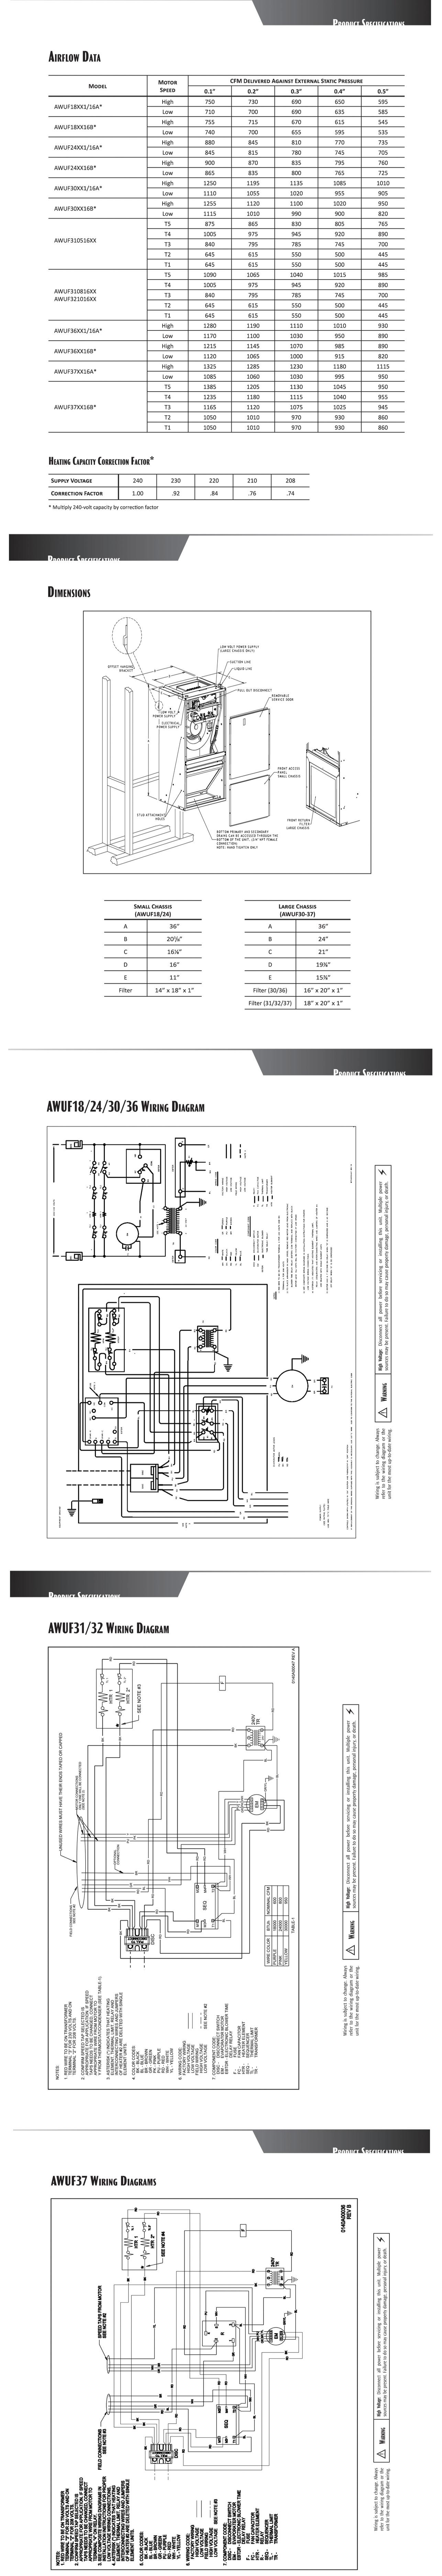 goodman awuf air handler wiring diagram ford zx2 serpentine belt 3 ton central indoor awuf36 16